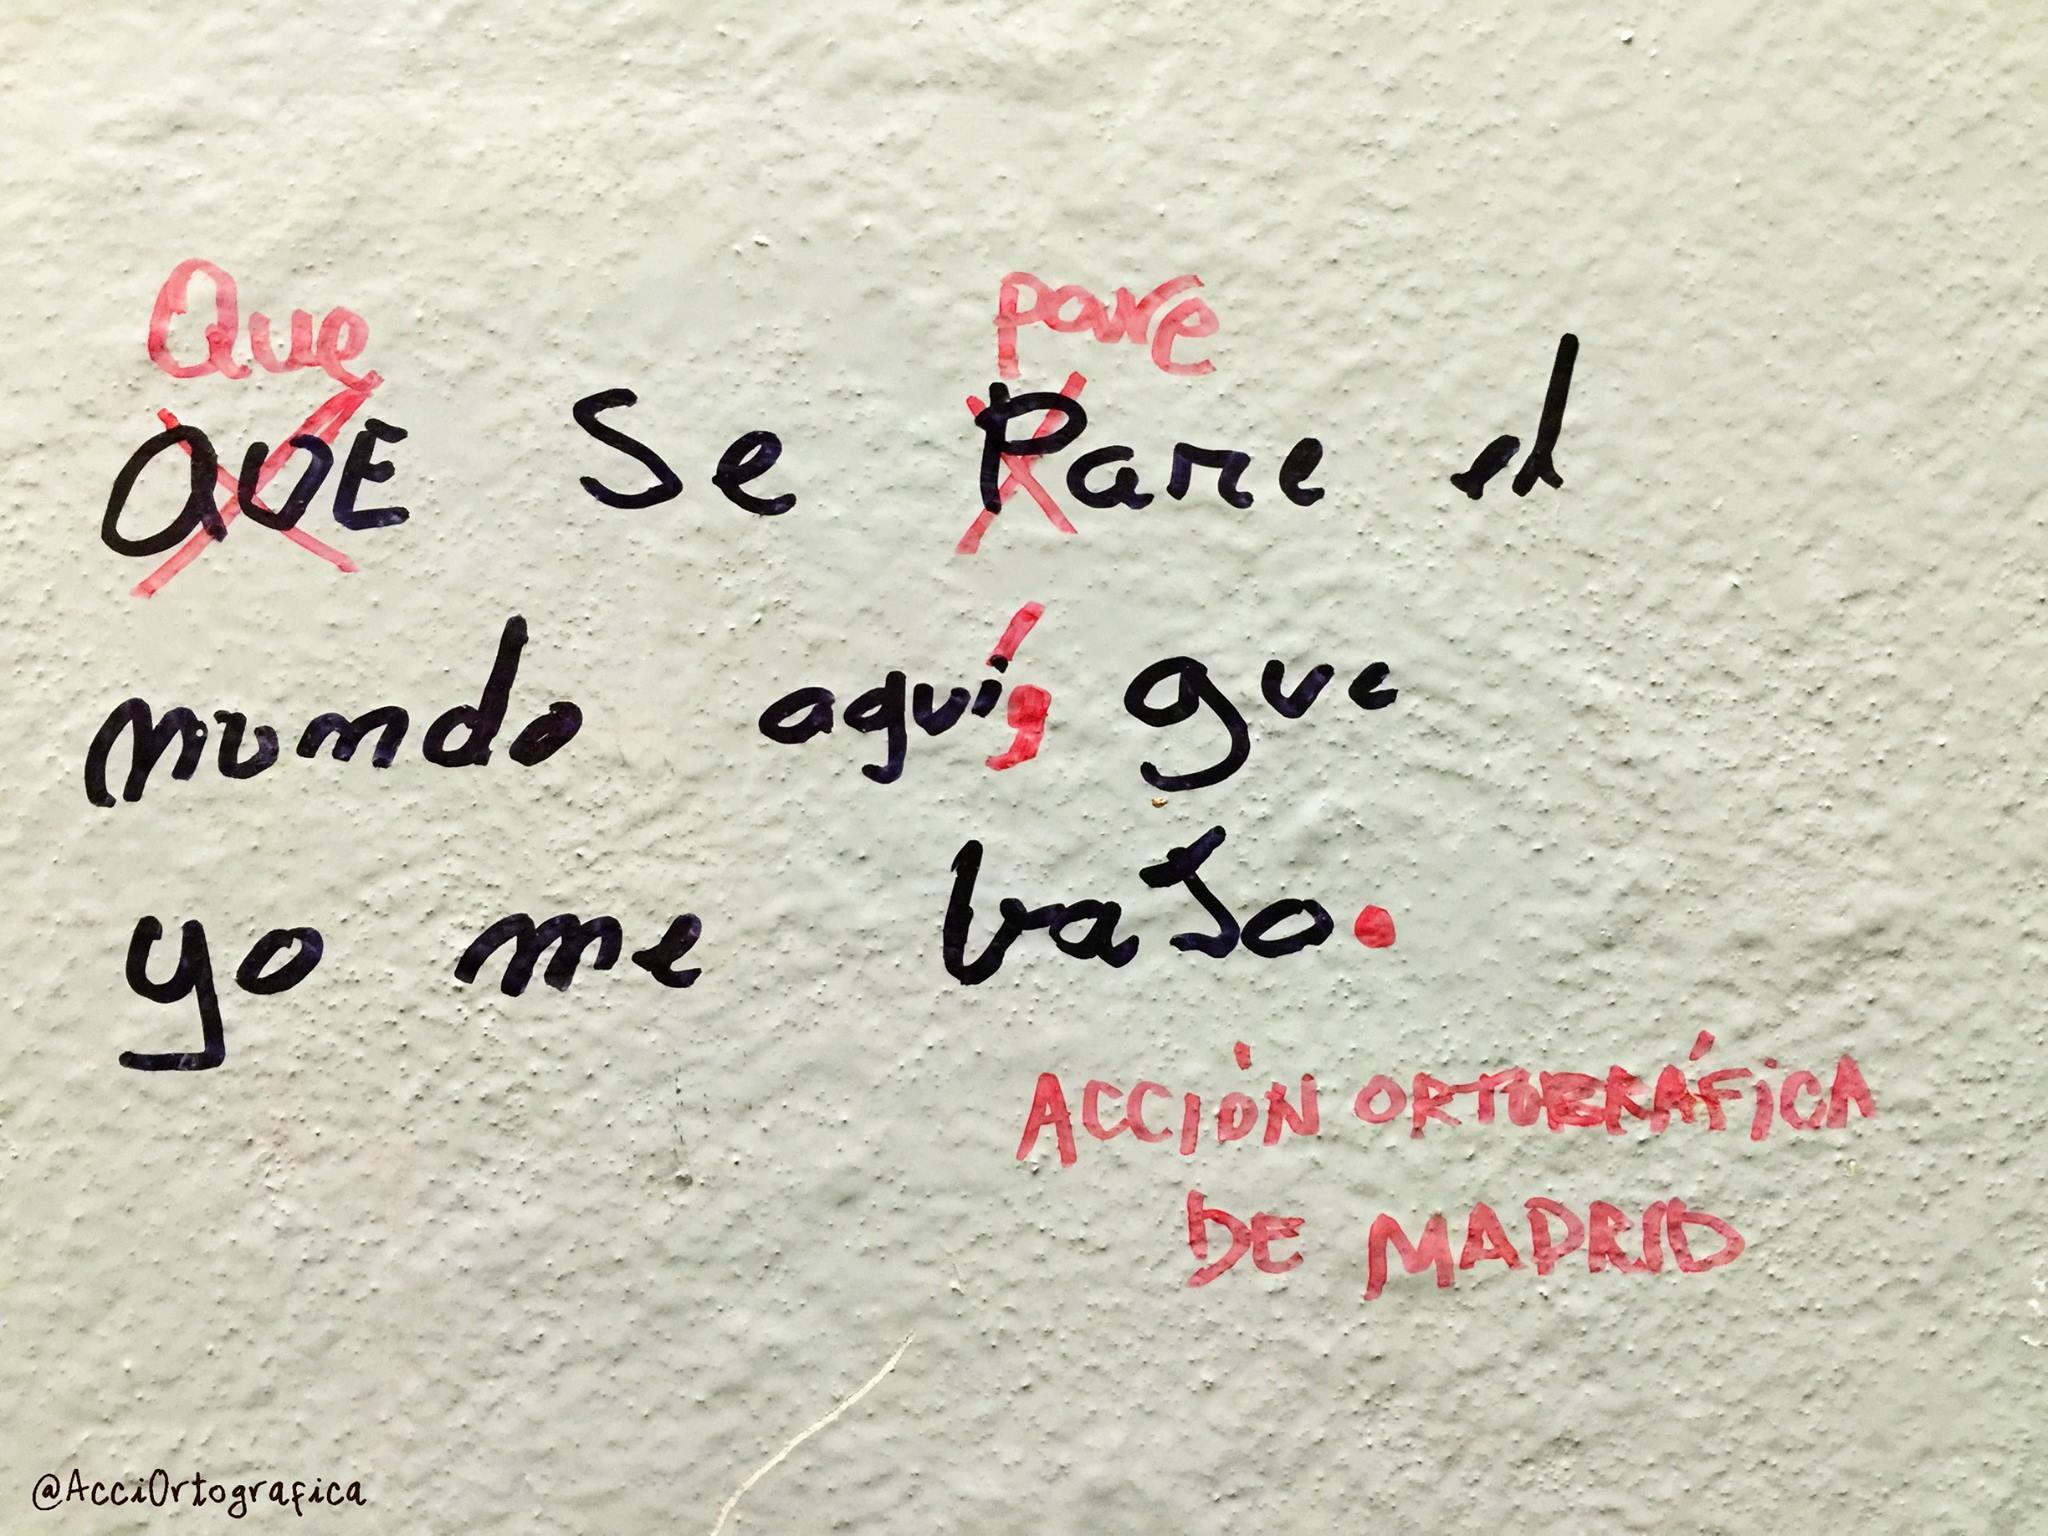 Grupos de acción ortográfica se afanan por corregir la ortografía de los grafitis en ciudades como Quito o Madrid.